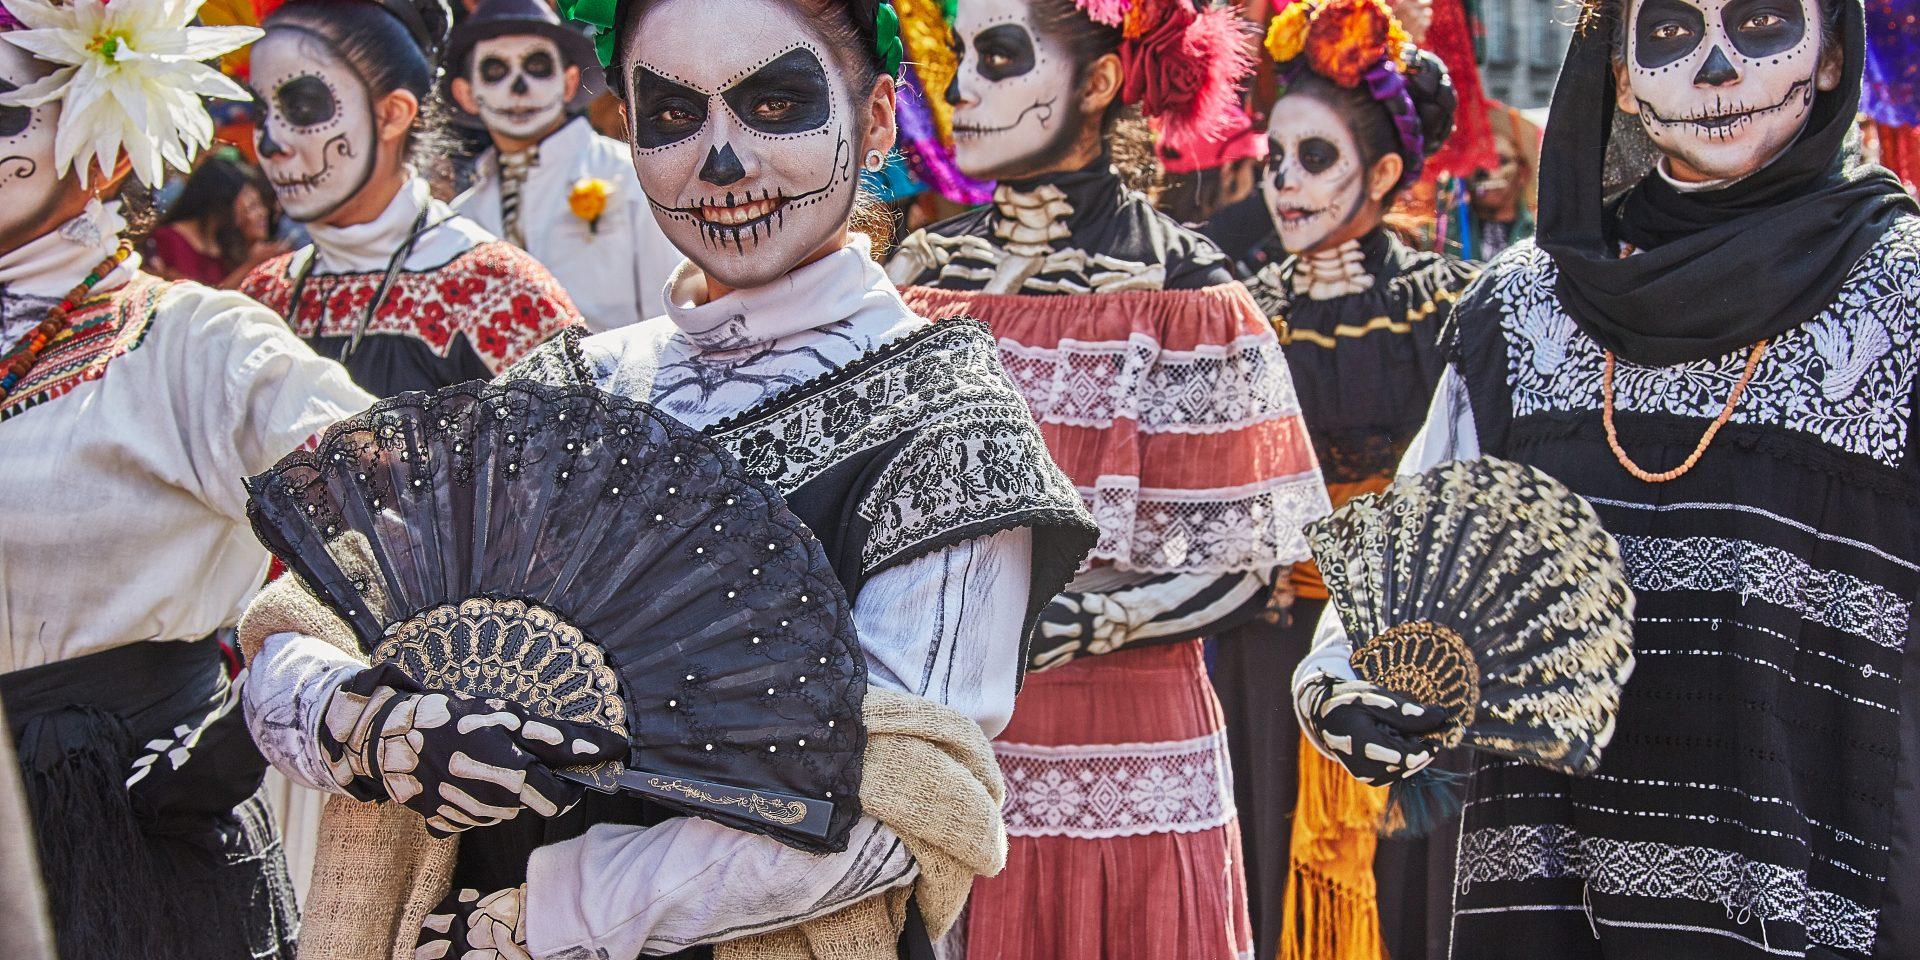 På Día de Muertos ska de döda firas, inte sörjas och begråtas. Detta sker natten mellan den förste och andre november varje år, en stor festdag i Mexiko.